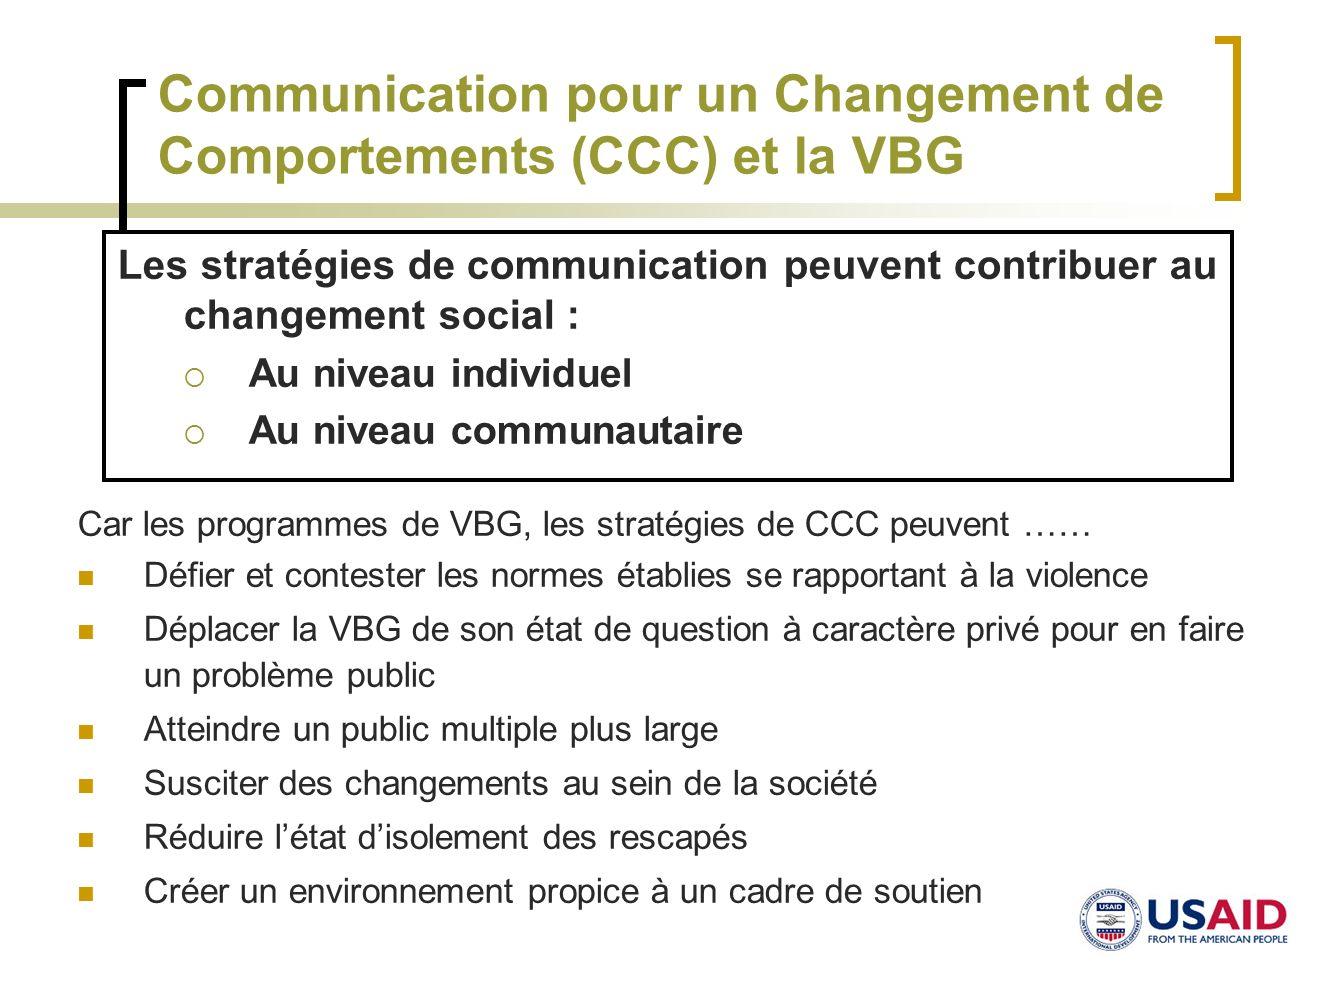 Communication pour un Changement de Comportements (CCC) et la VBG